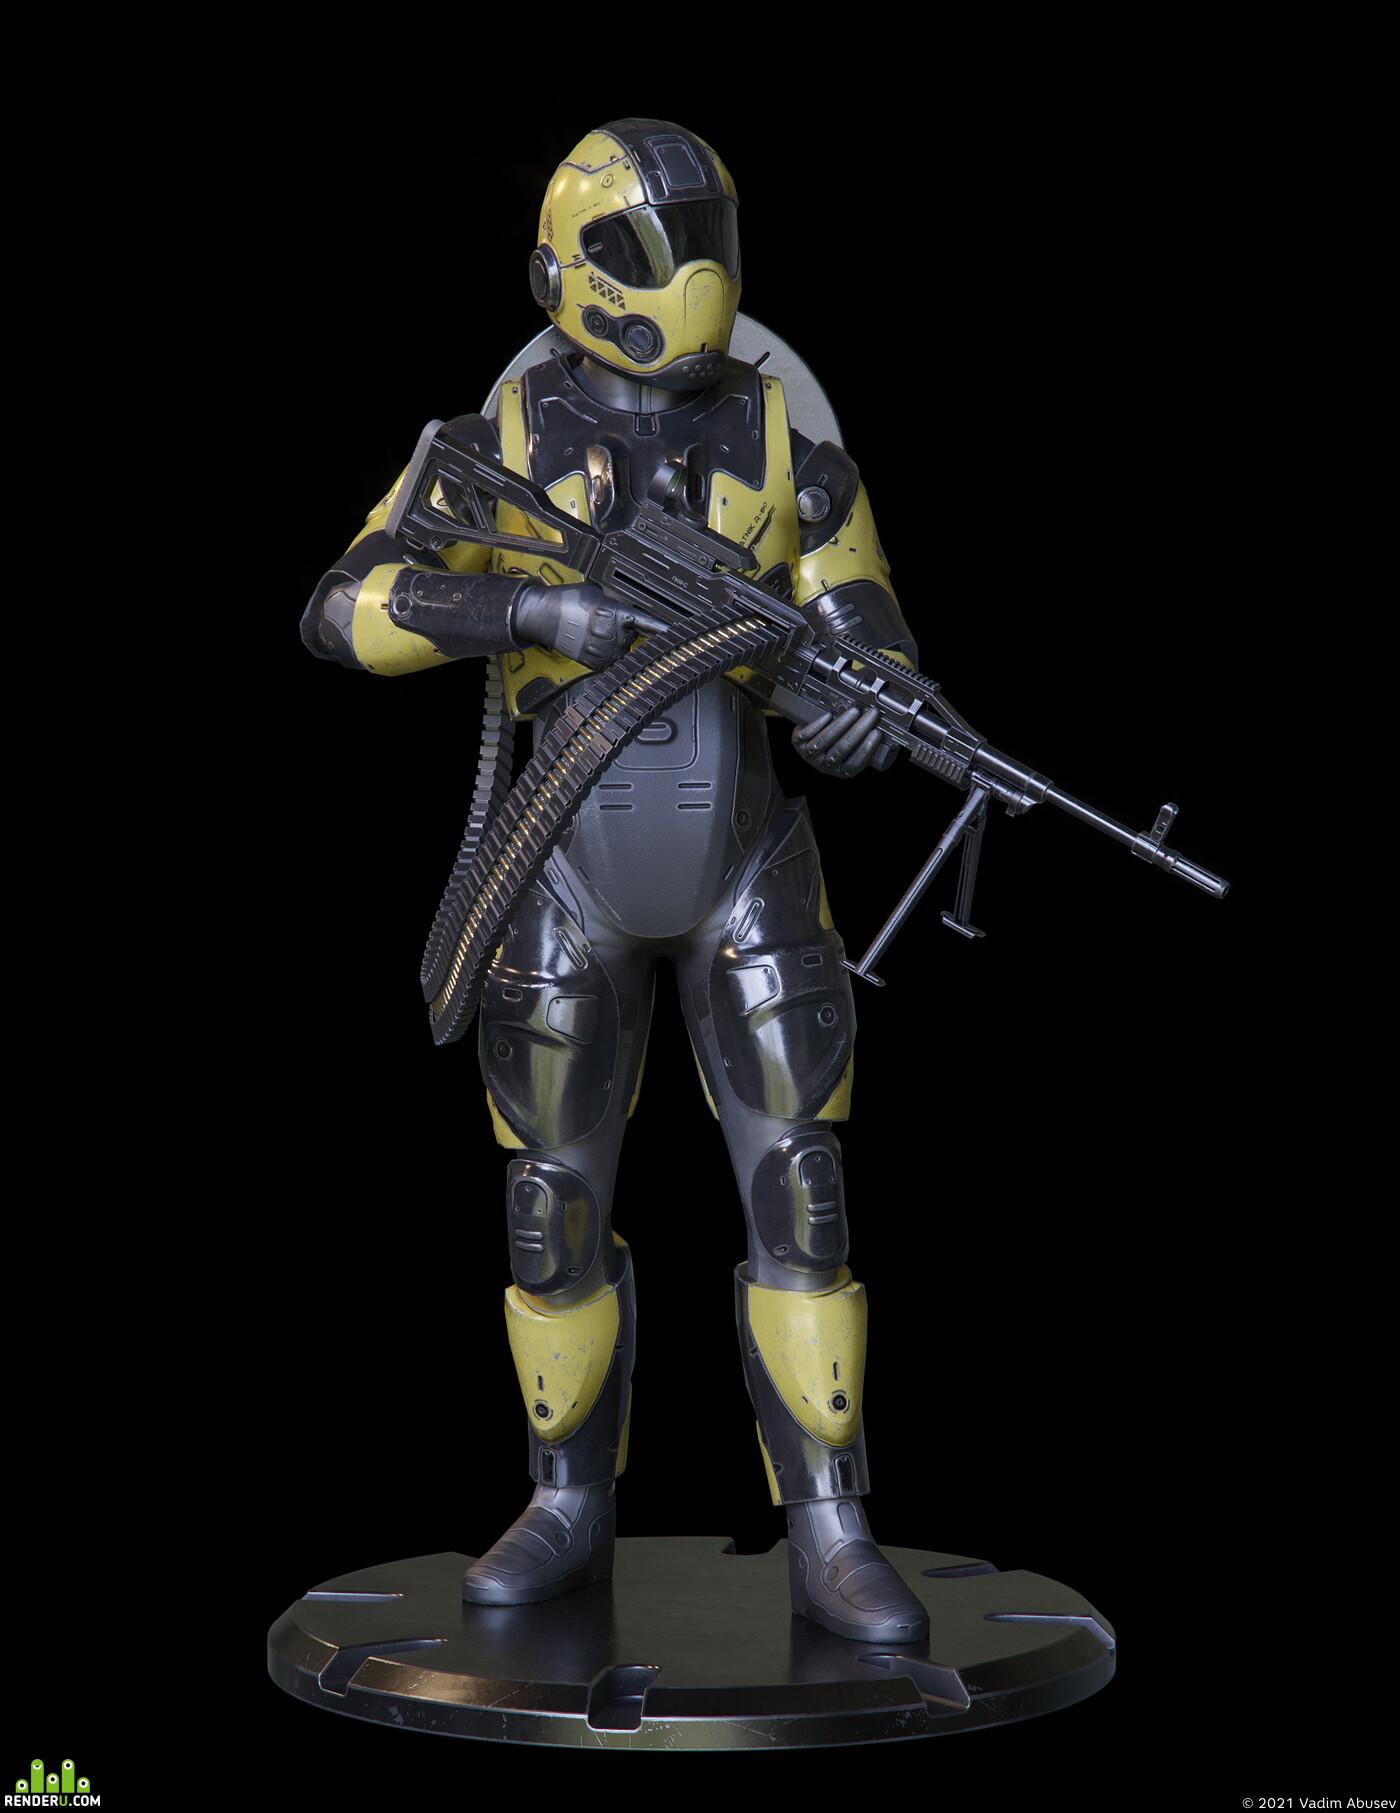 защита, броня, солдат, оружие, пулемет, ратник